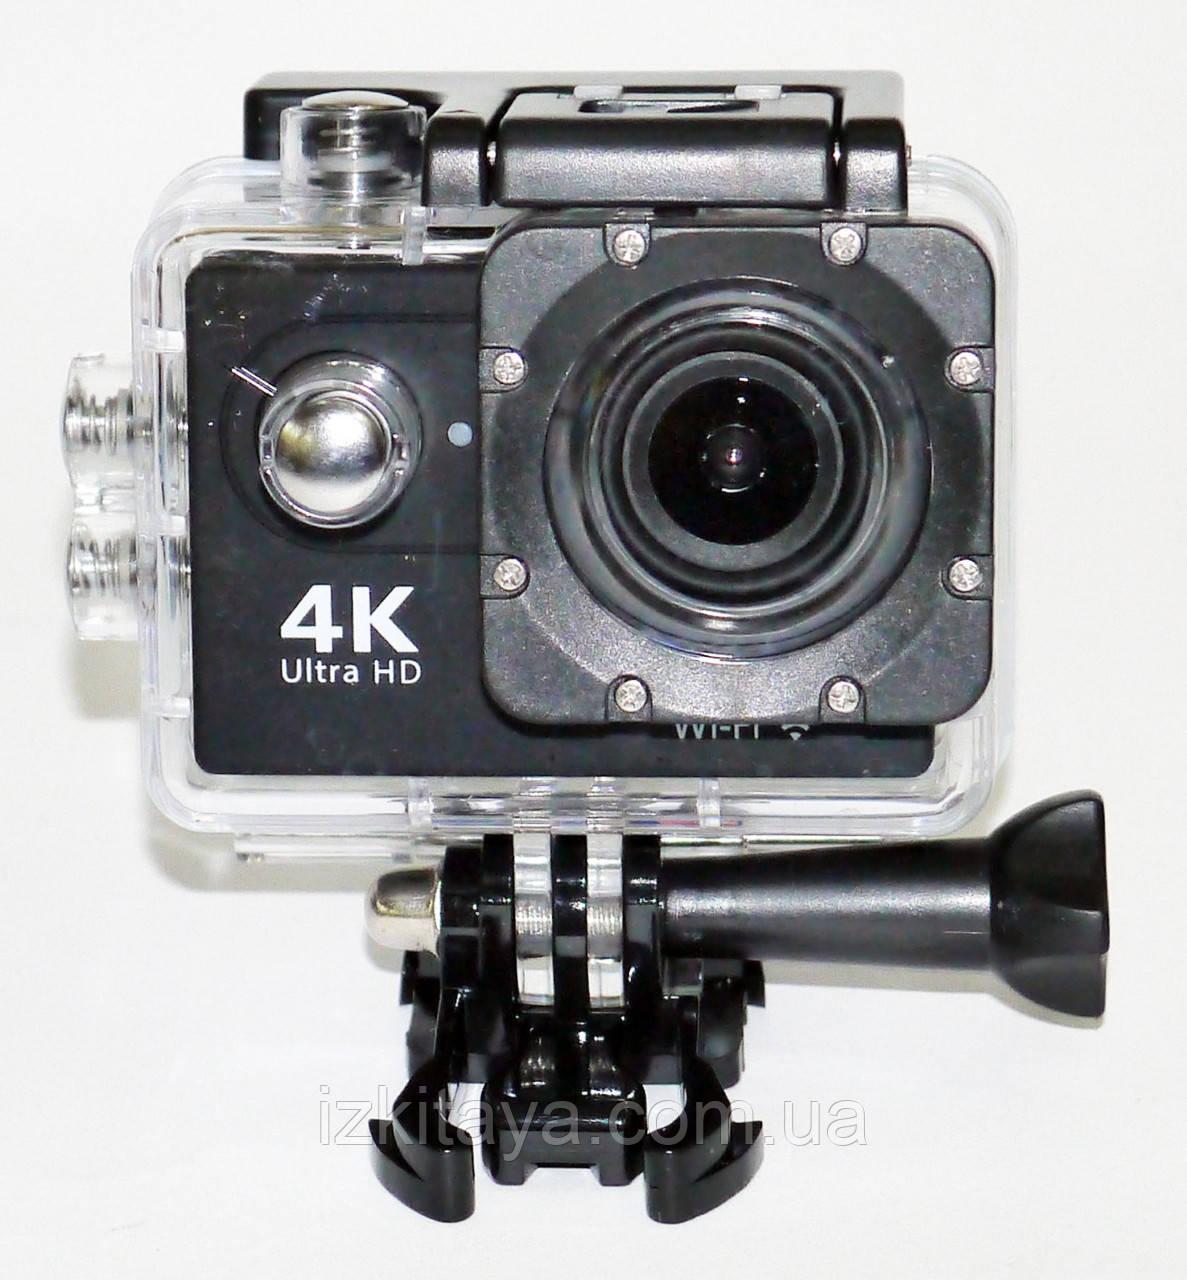 Подводная Экшн камера Action Camera B5 WiFi 4K с хорошим качеством съемки